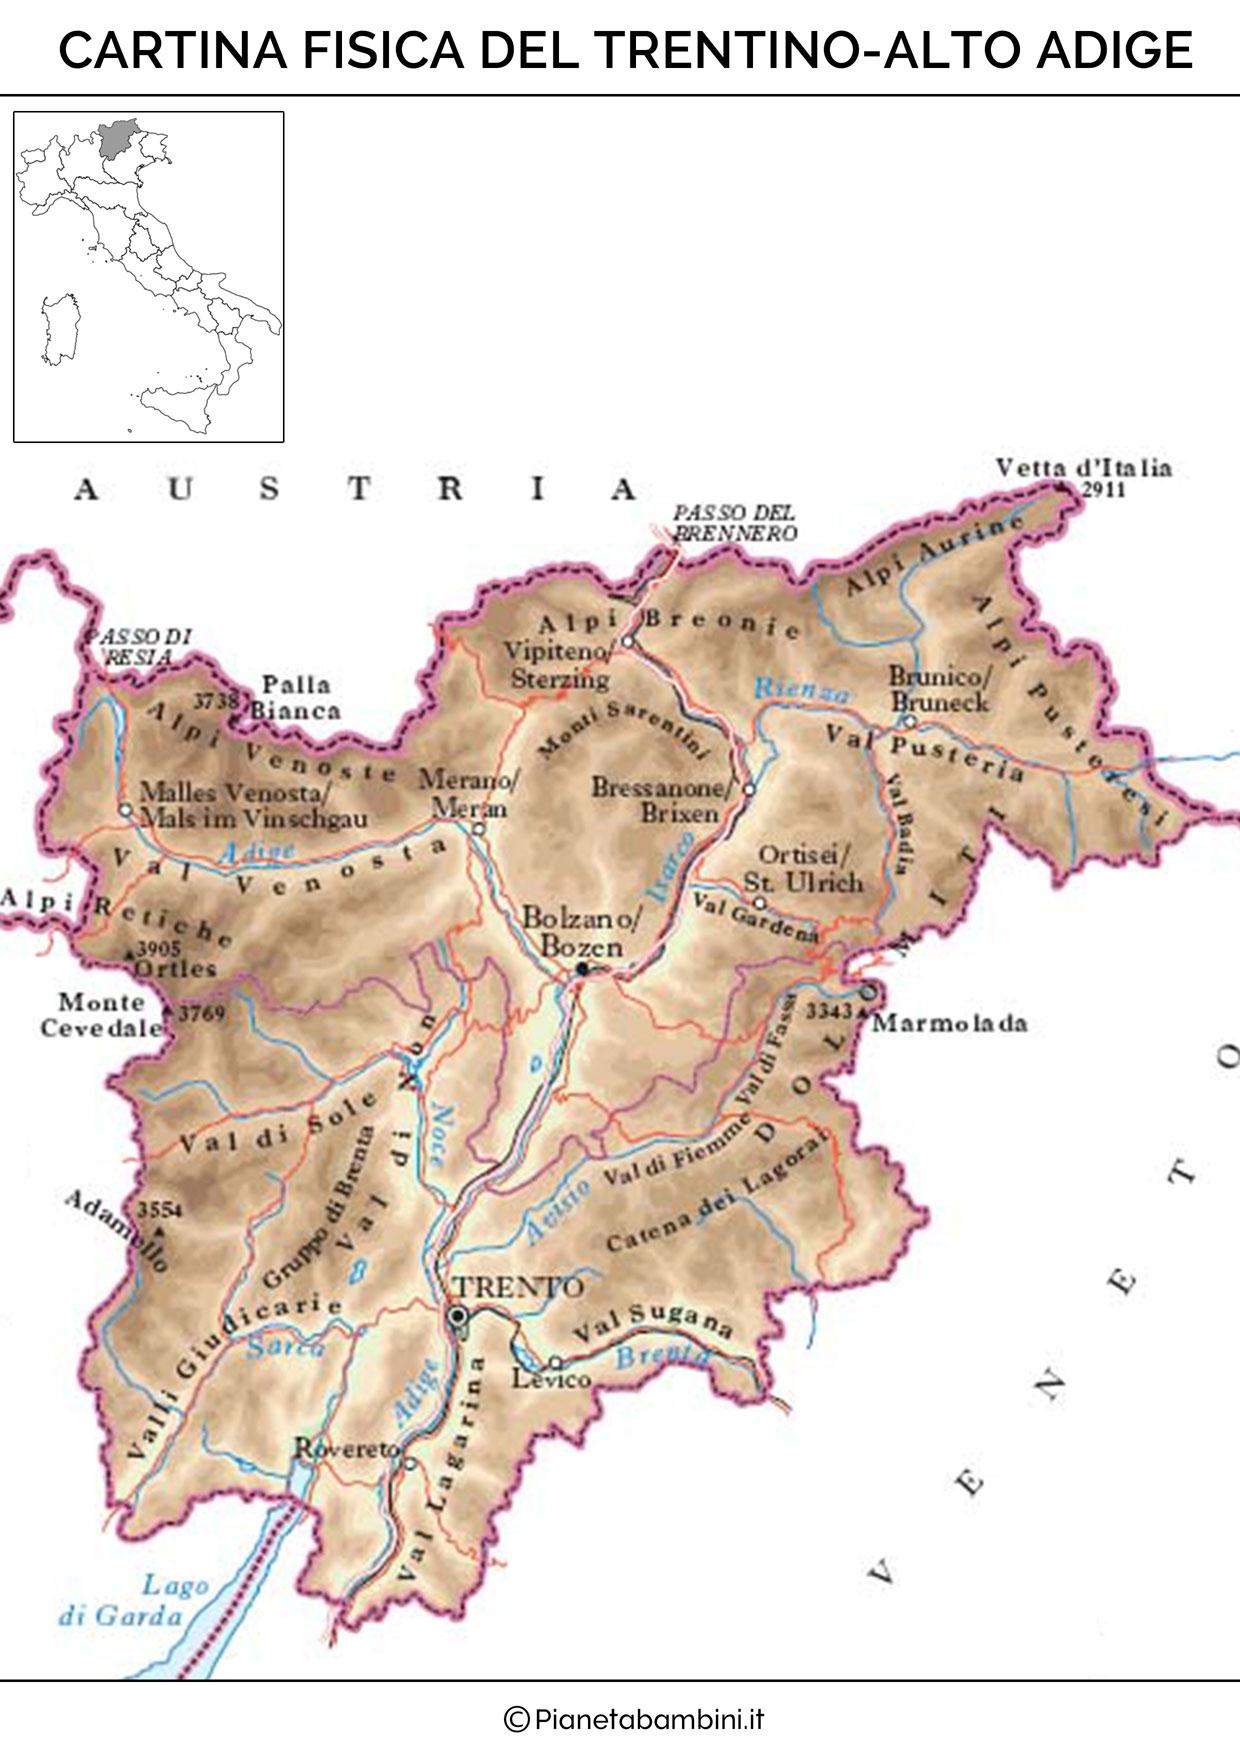 Cartina fisica del Trentino Alto Adige da stampare gratis